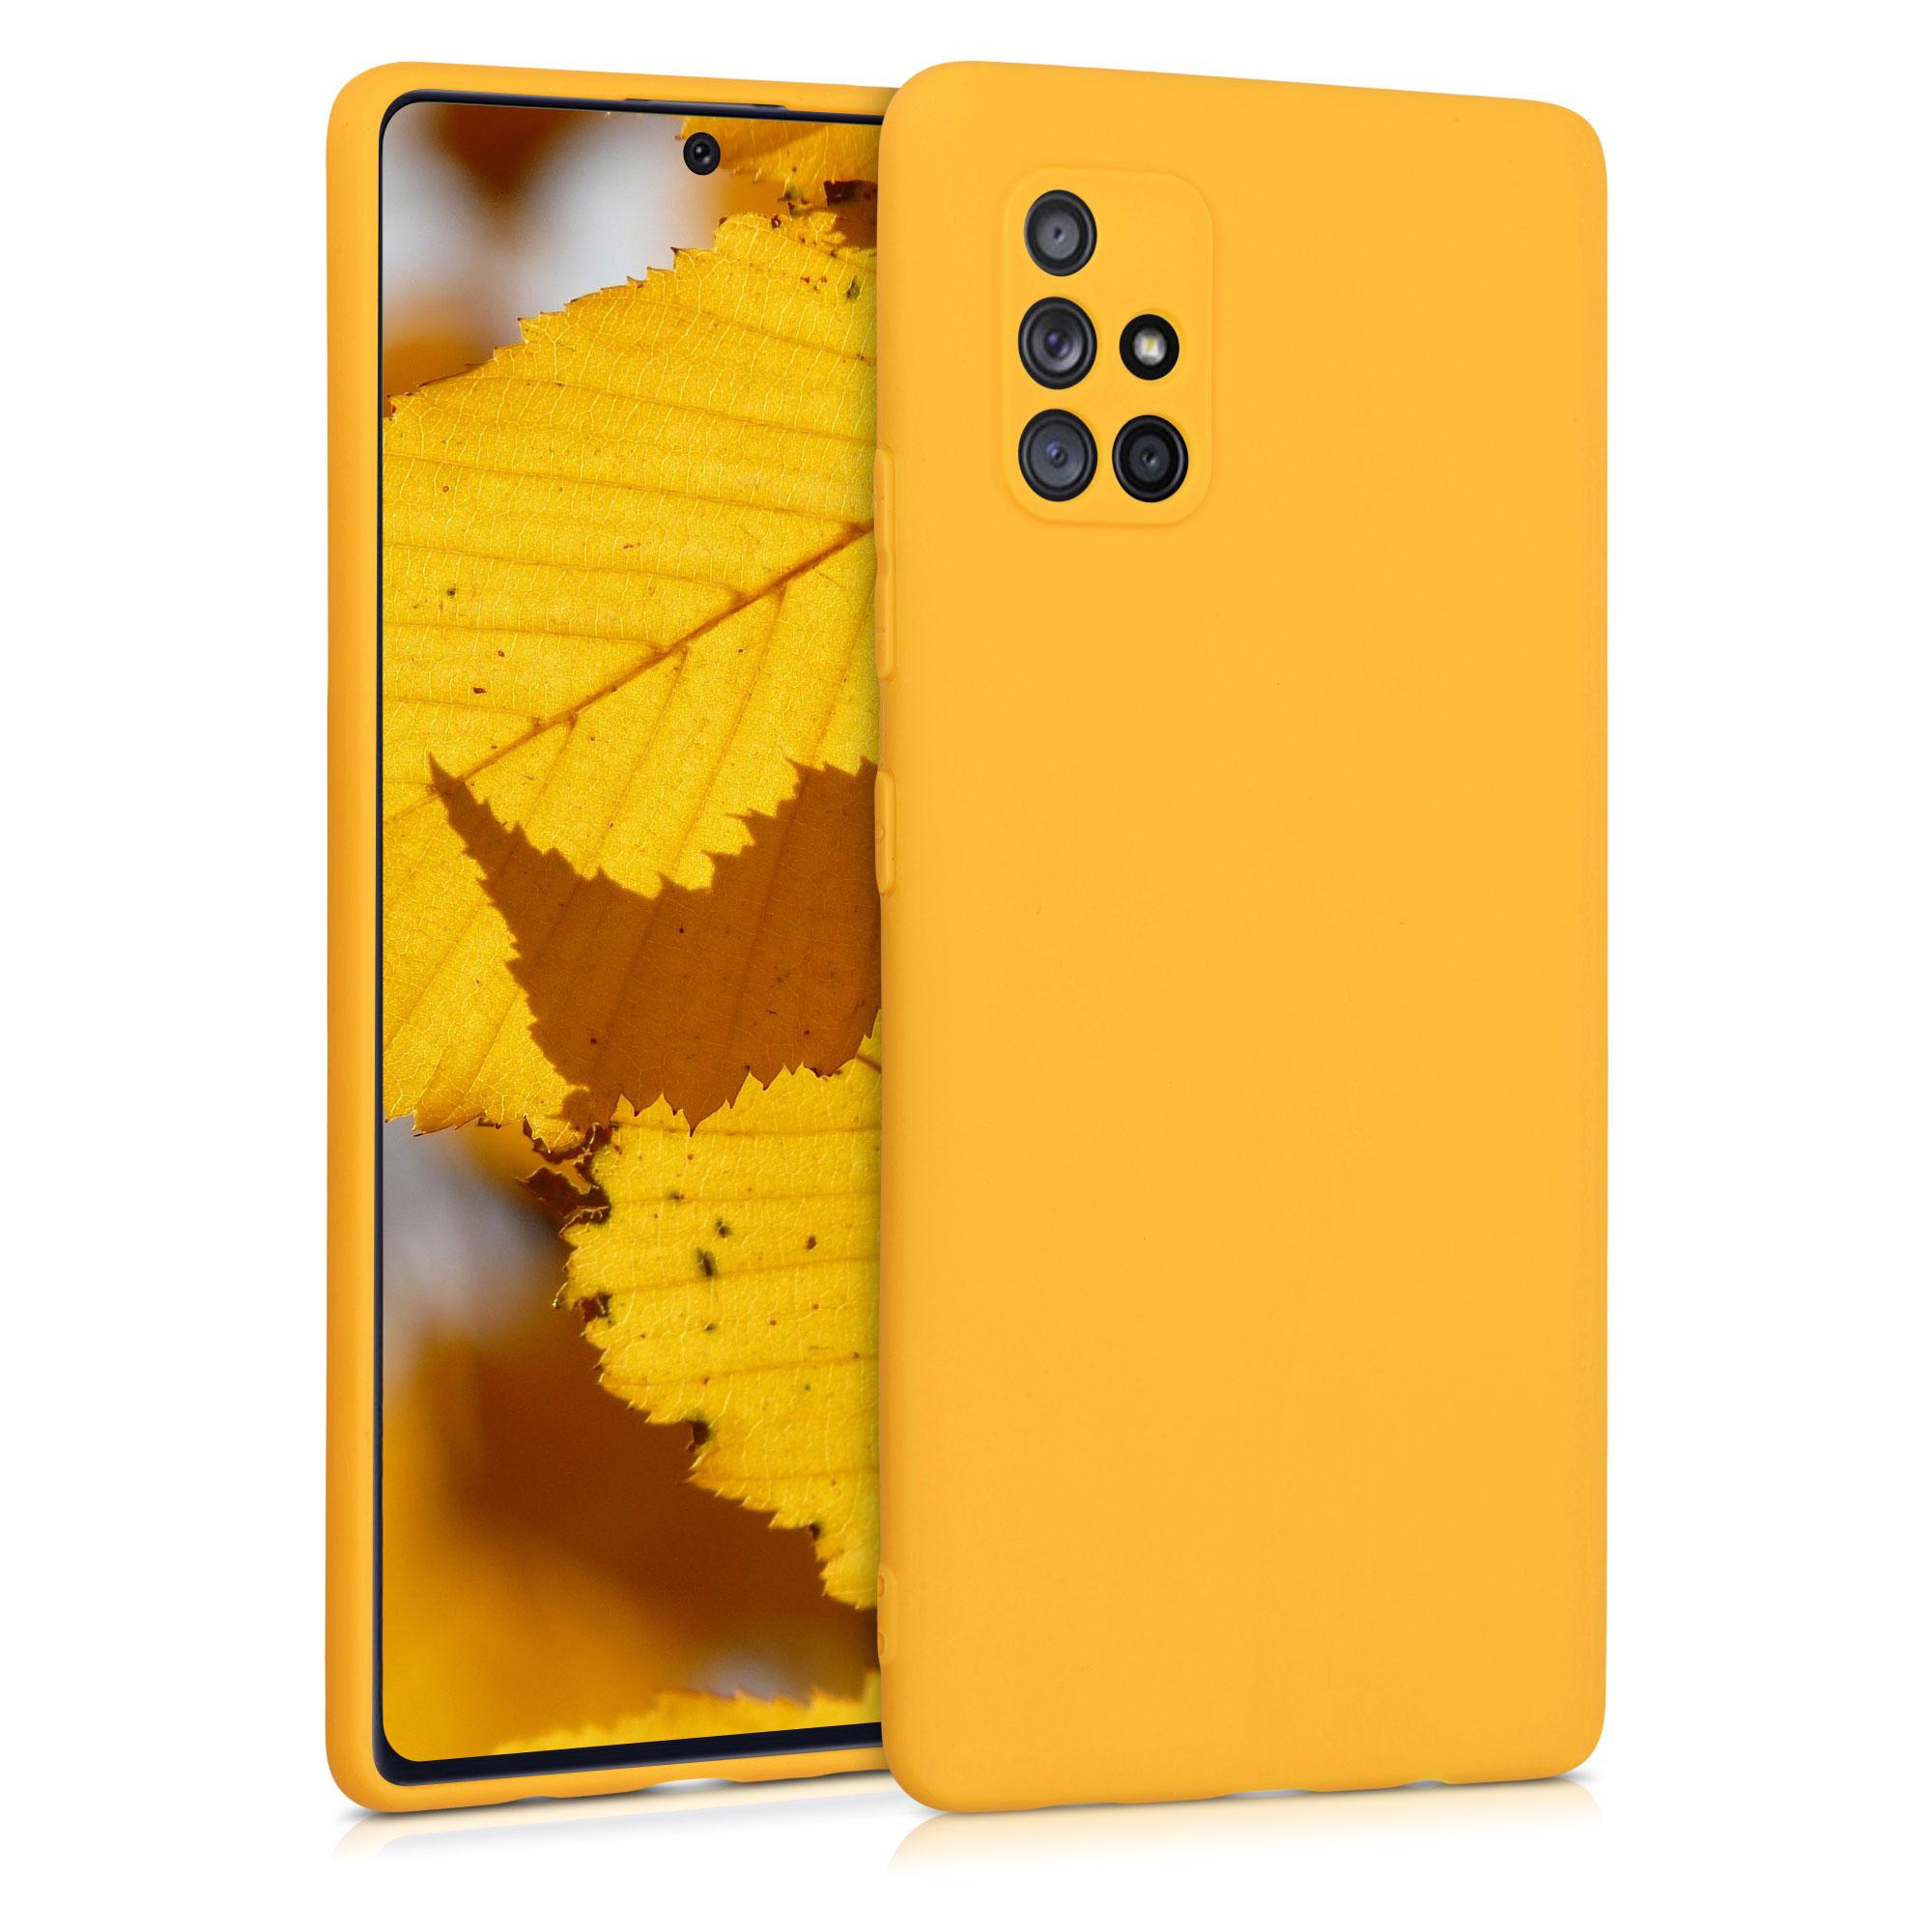 Kvalitní silikonové TPU pouzdro pro Samsung A71 5G - Honey Yellow